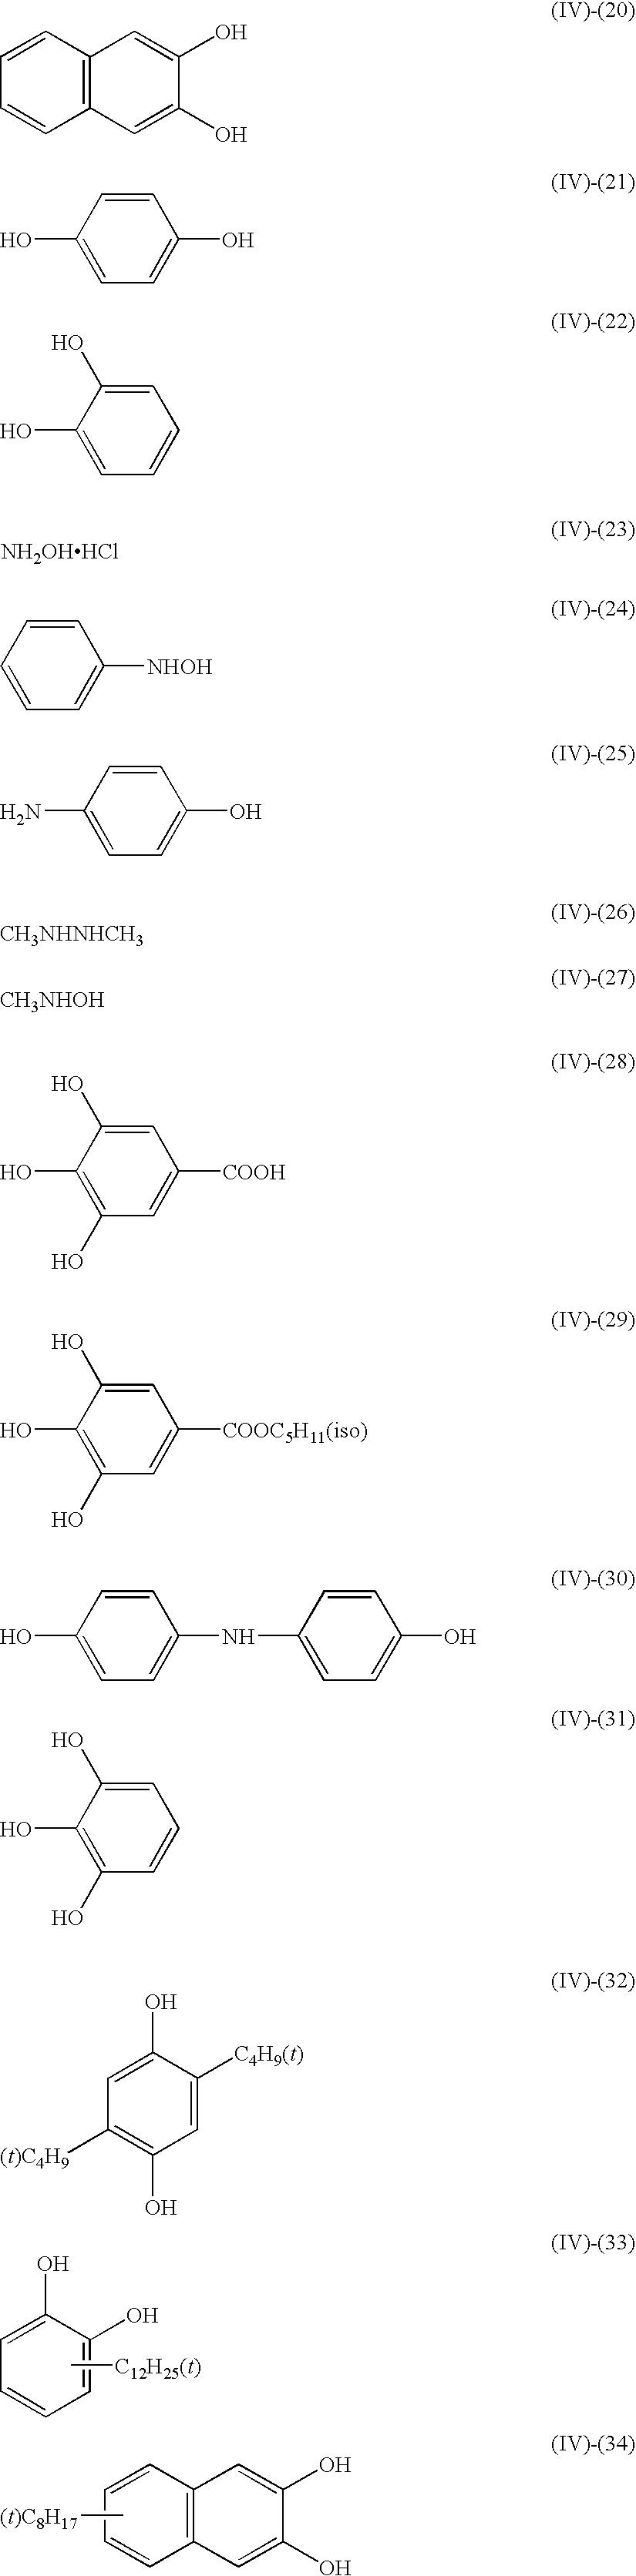 Figure US07332265-20080219-C00012